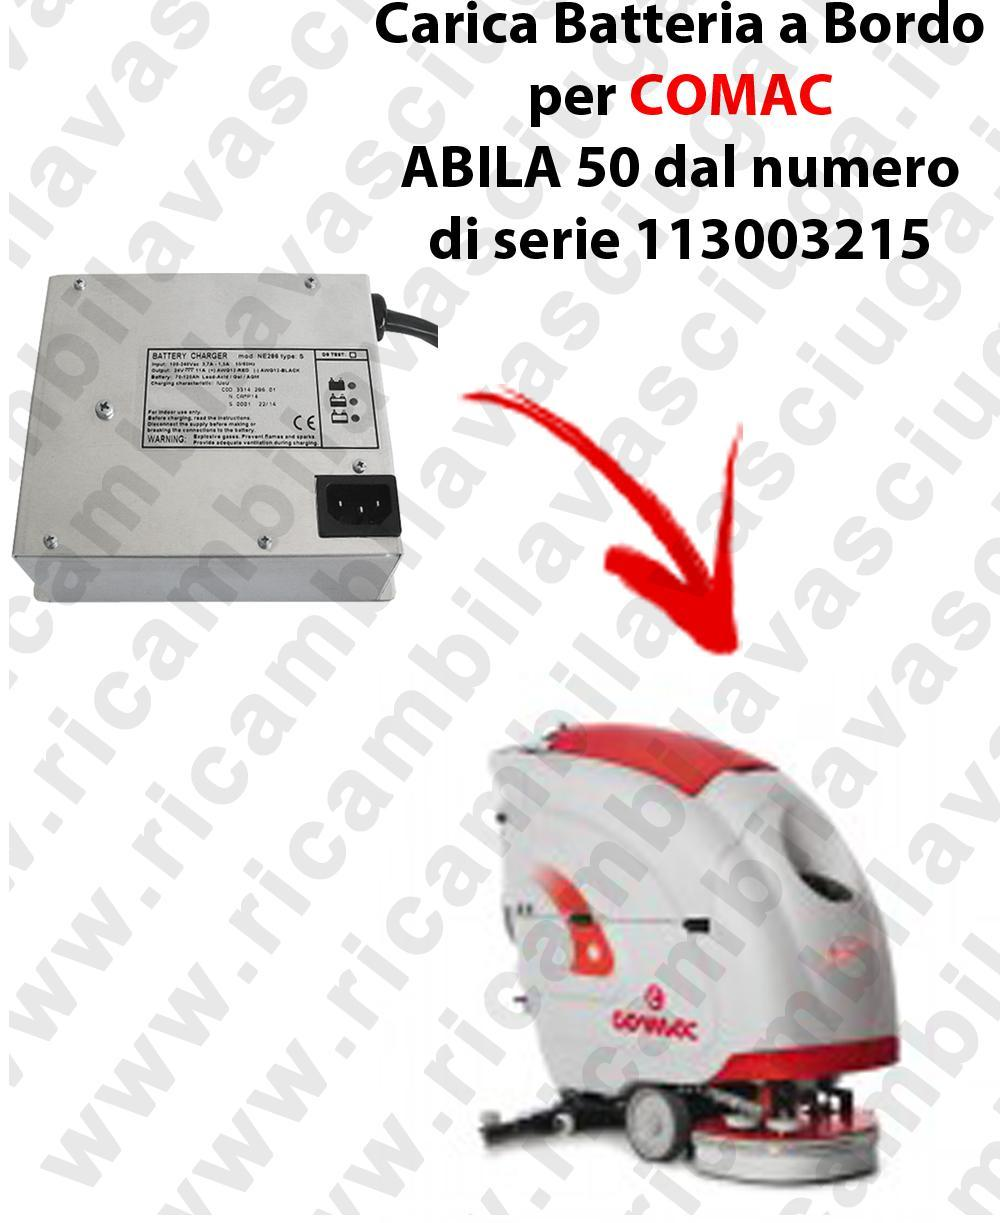 Charger les BATTERIES à bord pour autolaveuses COMAC ABILA 50 à partir du numéro de série 113003215-2-2